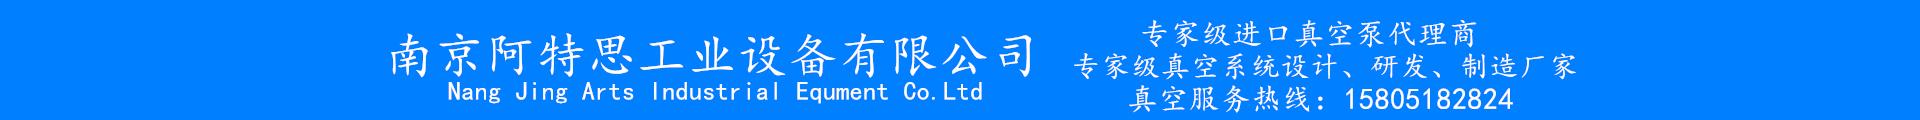 南京阿特思工業設備有限公司